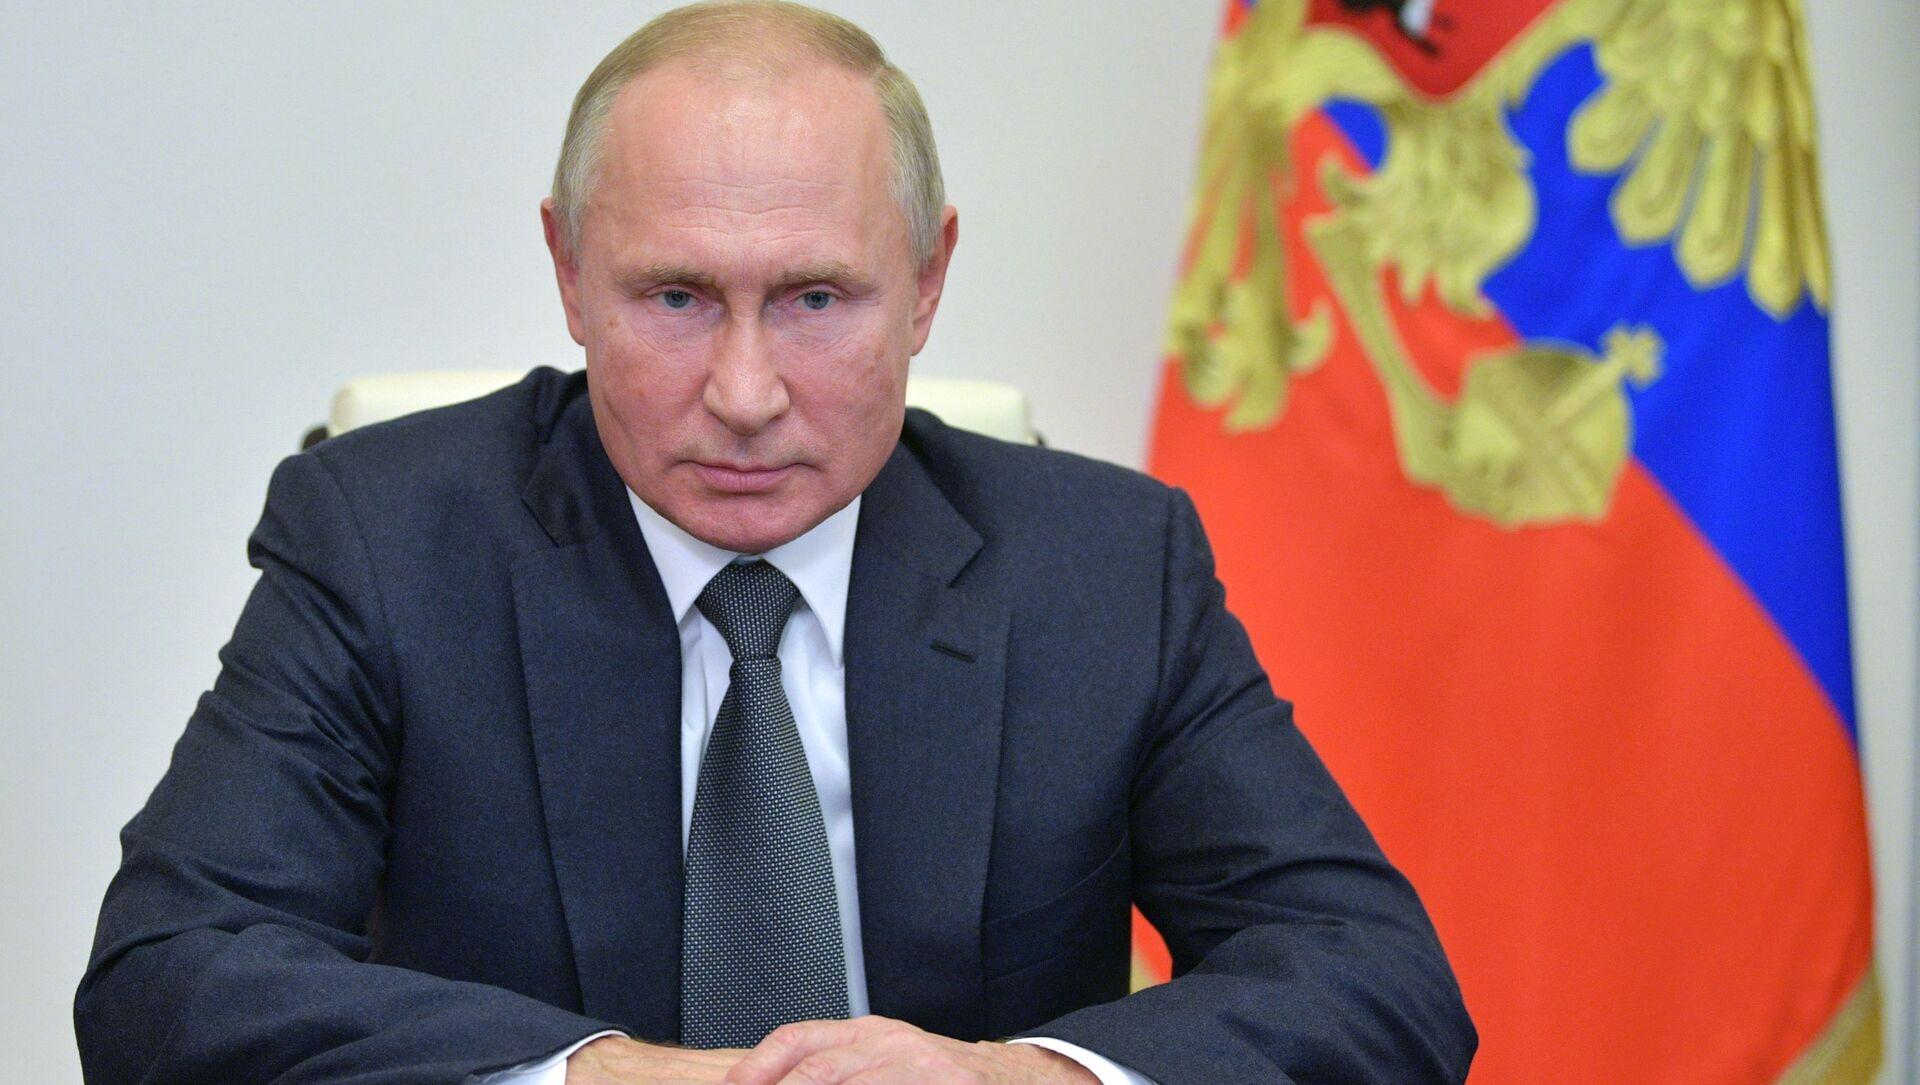 プーチン大統領 - Sputnik 日本, 1920, 24.03.2021